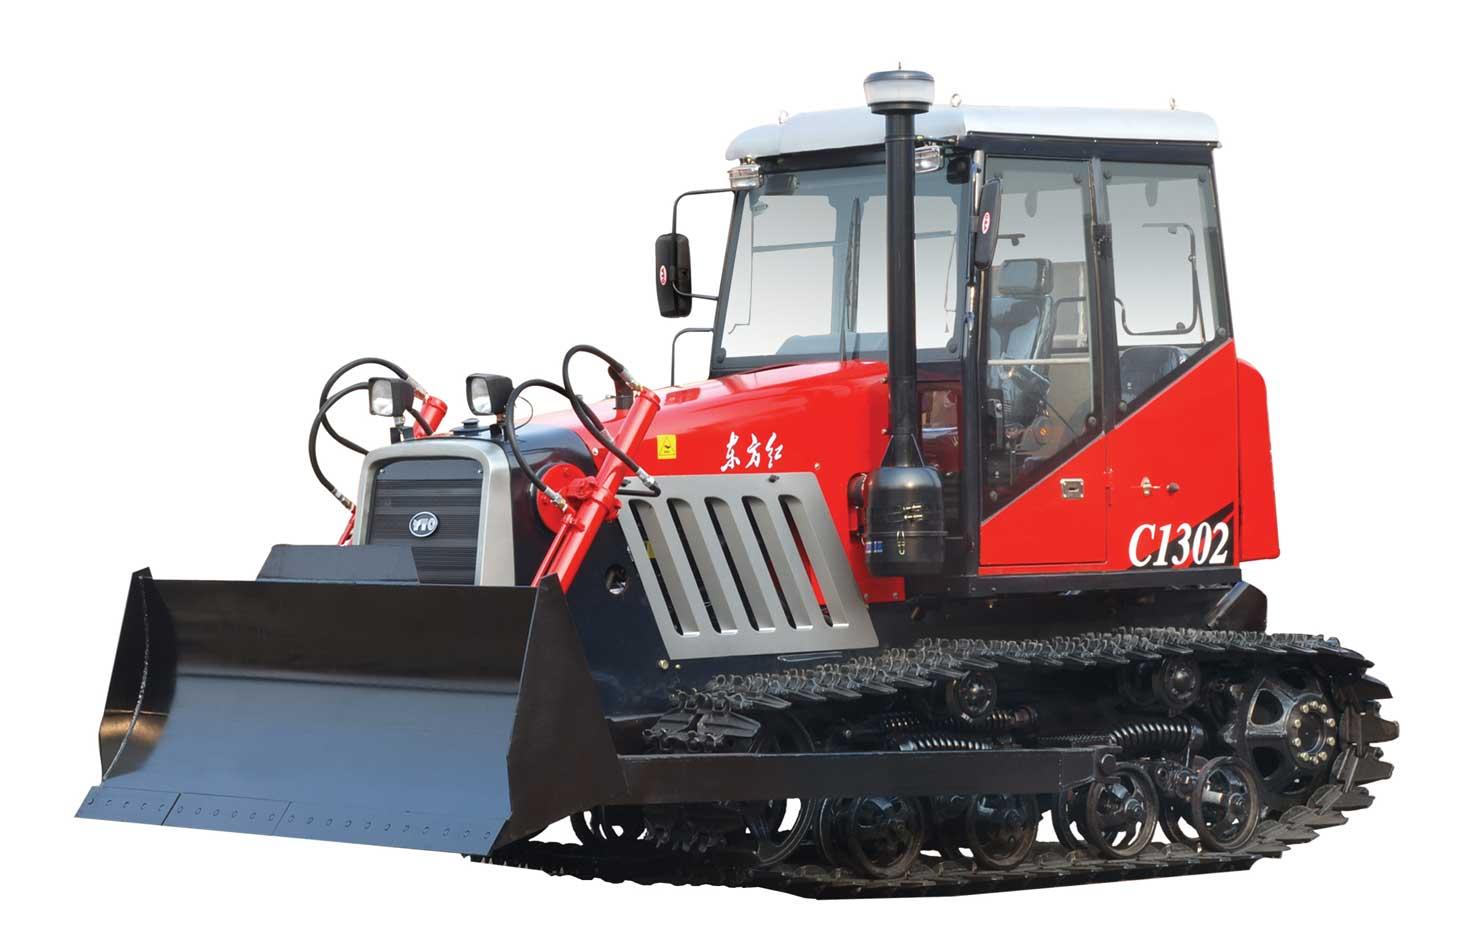 Гусеничные тракторы моделей C1302, C1402, C1602